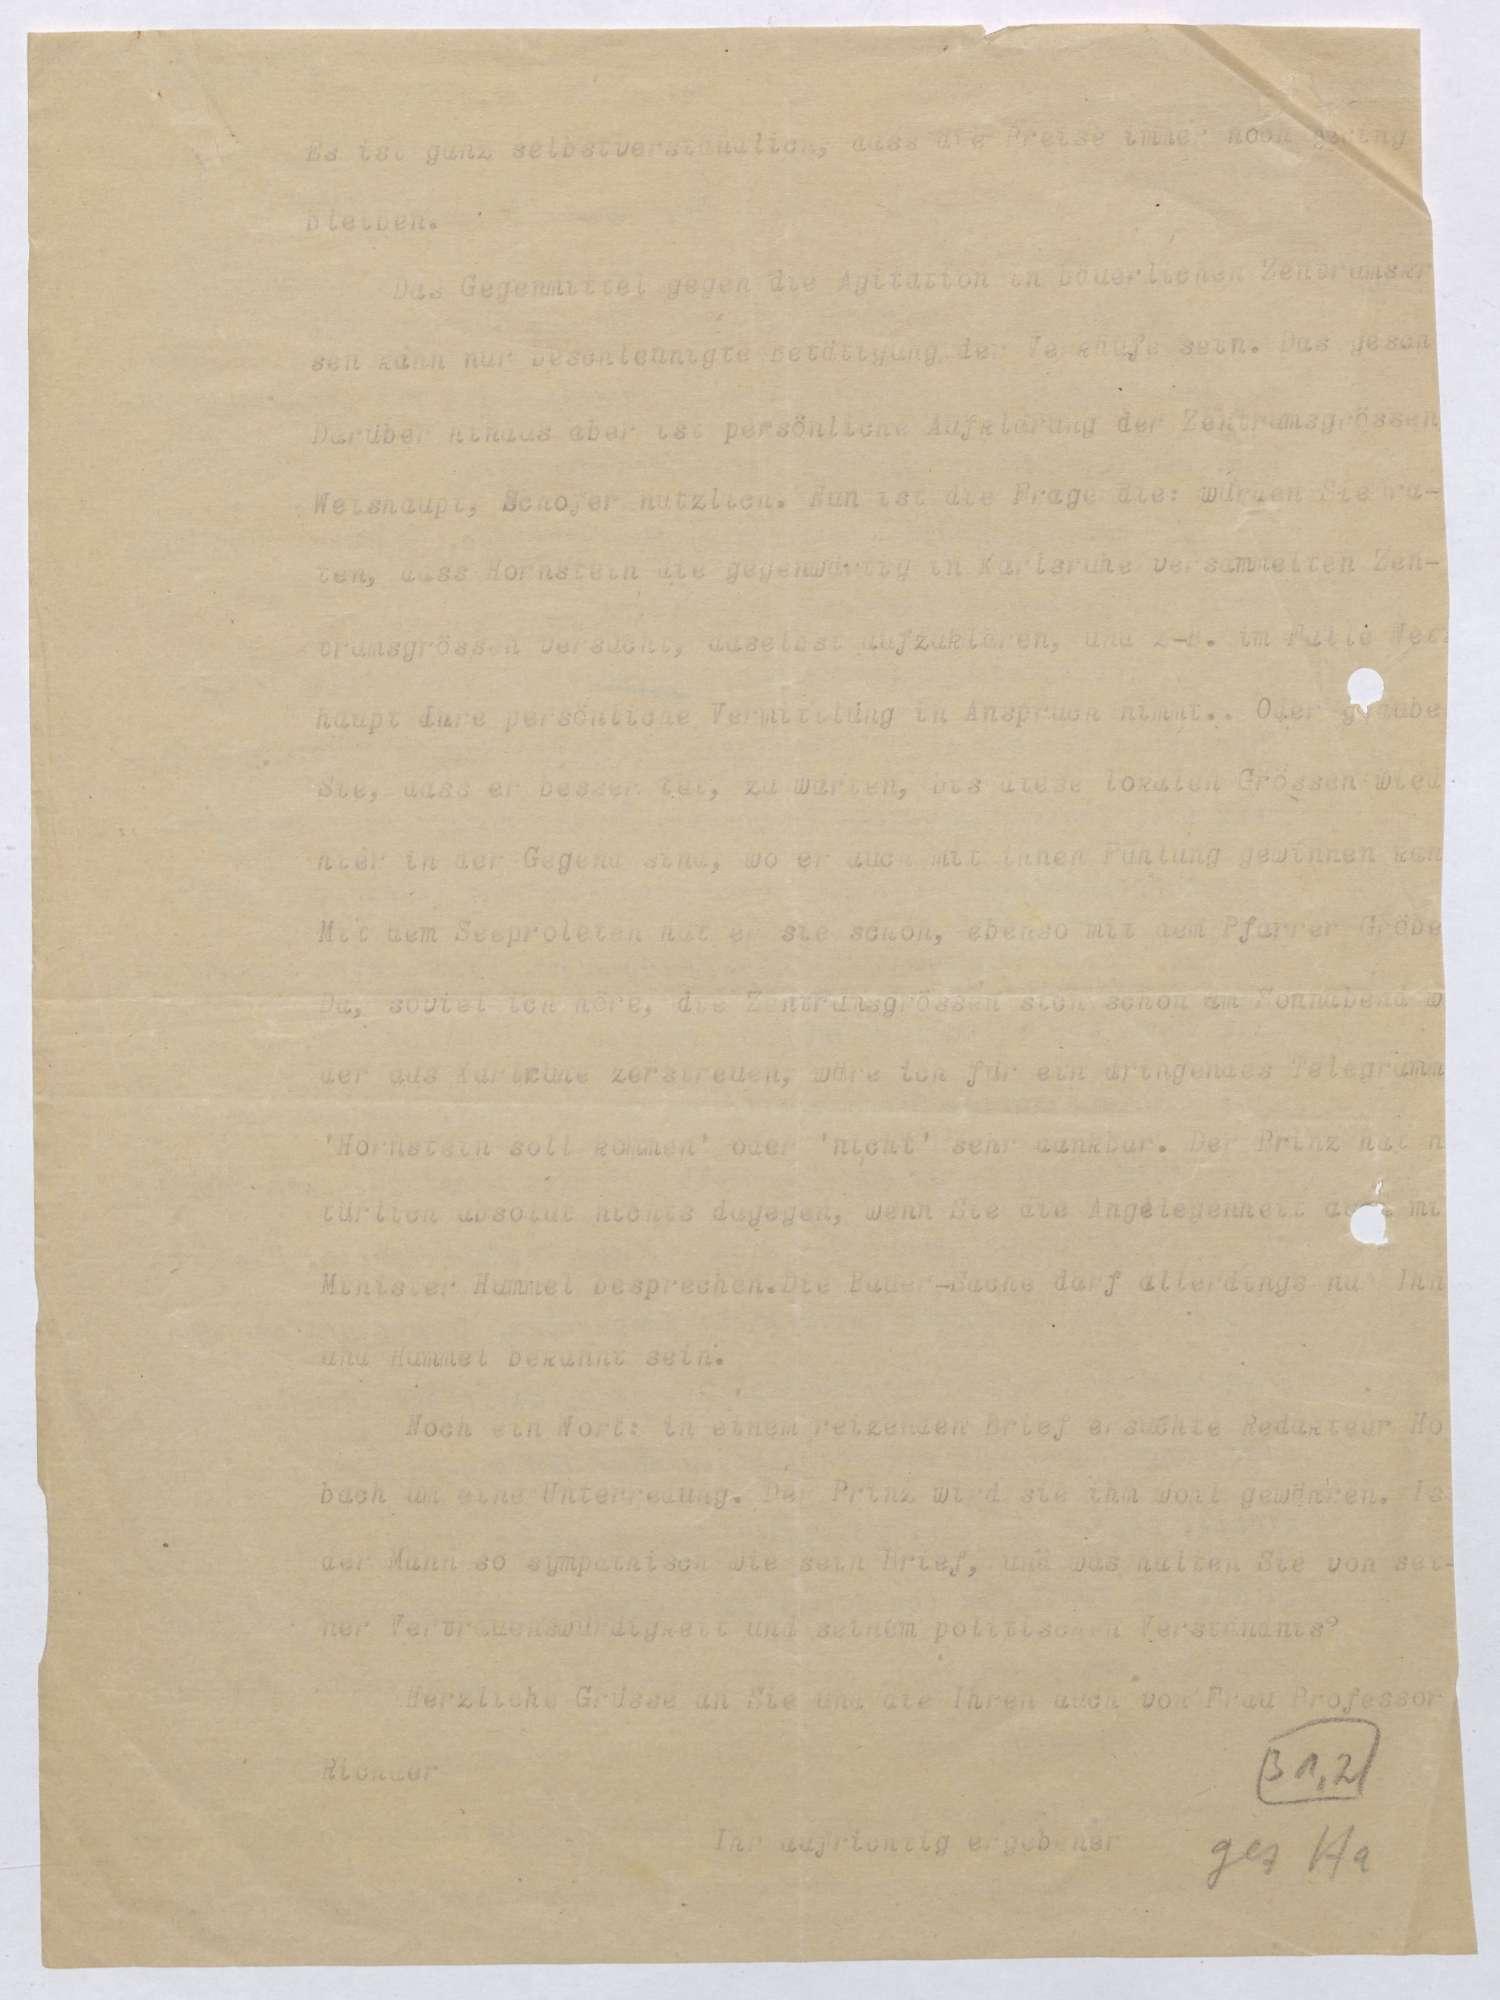 Schreiben von Kurt Hahn an Ludwig Haas; Entlassung des Salemer Rentamtmanns Bauer, Politik des Zentrums gegen Salem; zweifache Ausgabe, Bild 3